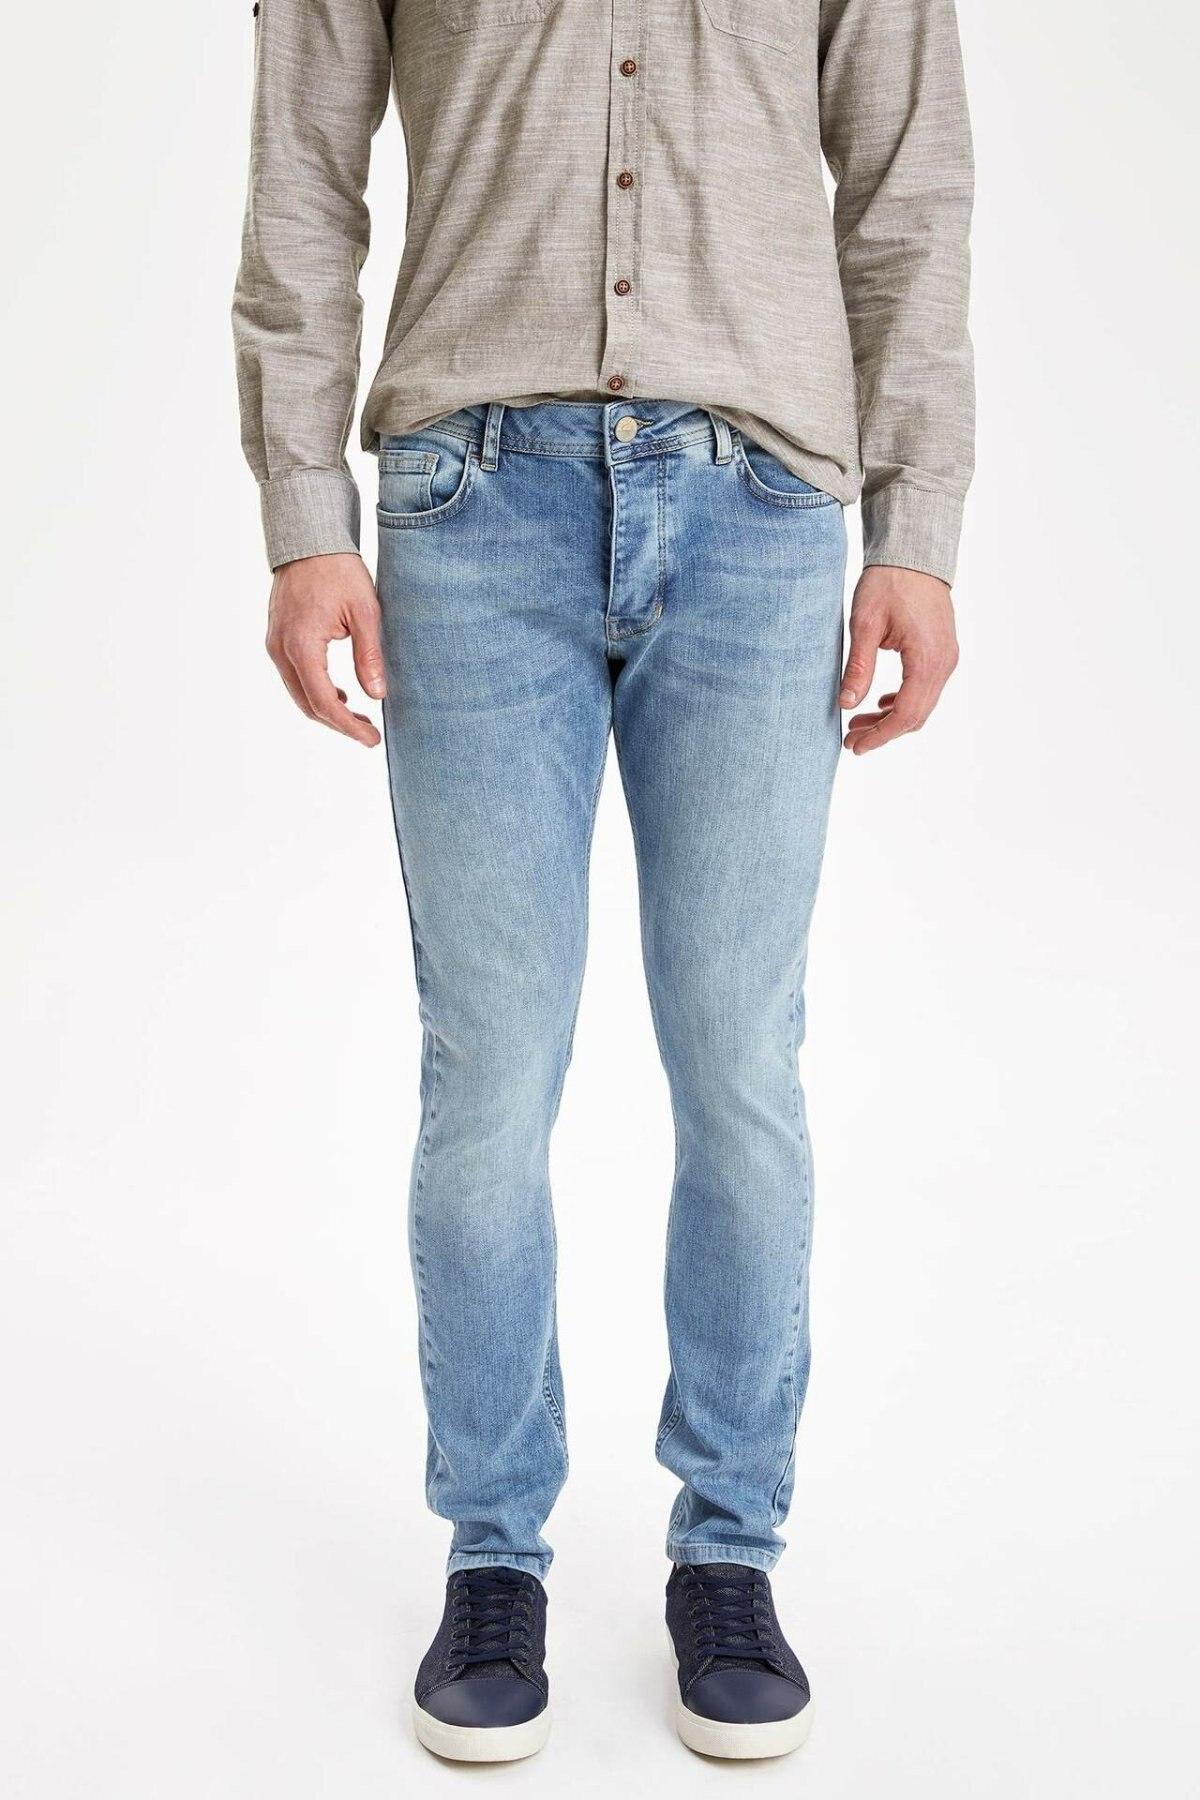 DeFacto Man Autumn Light Blue Denim Jeans Men Summer Straight Denim Pants Female Washed Denim Trousers-K8698AZ19SM